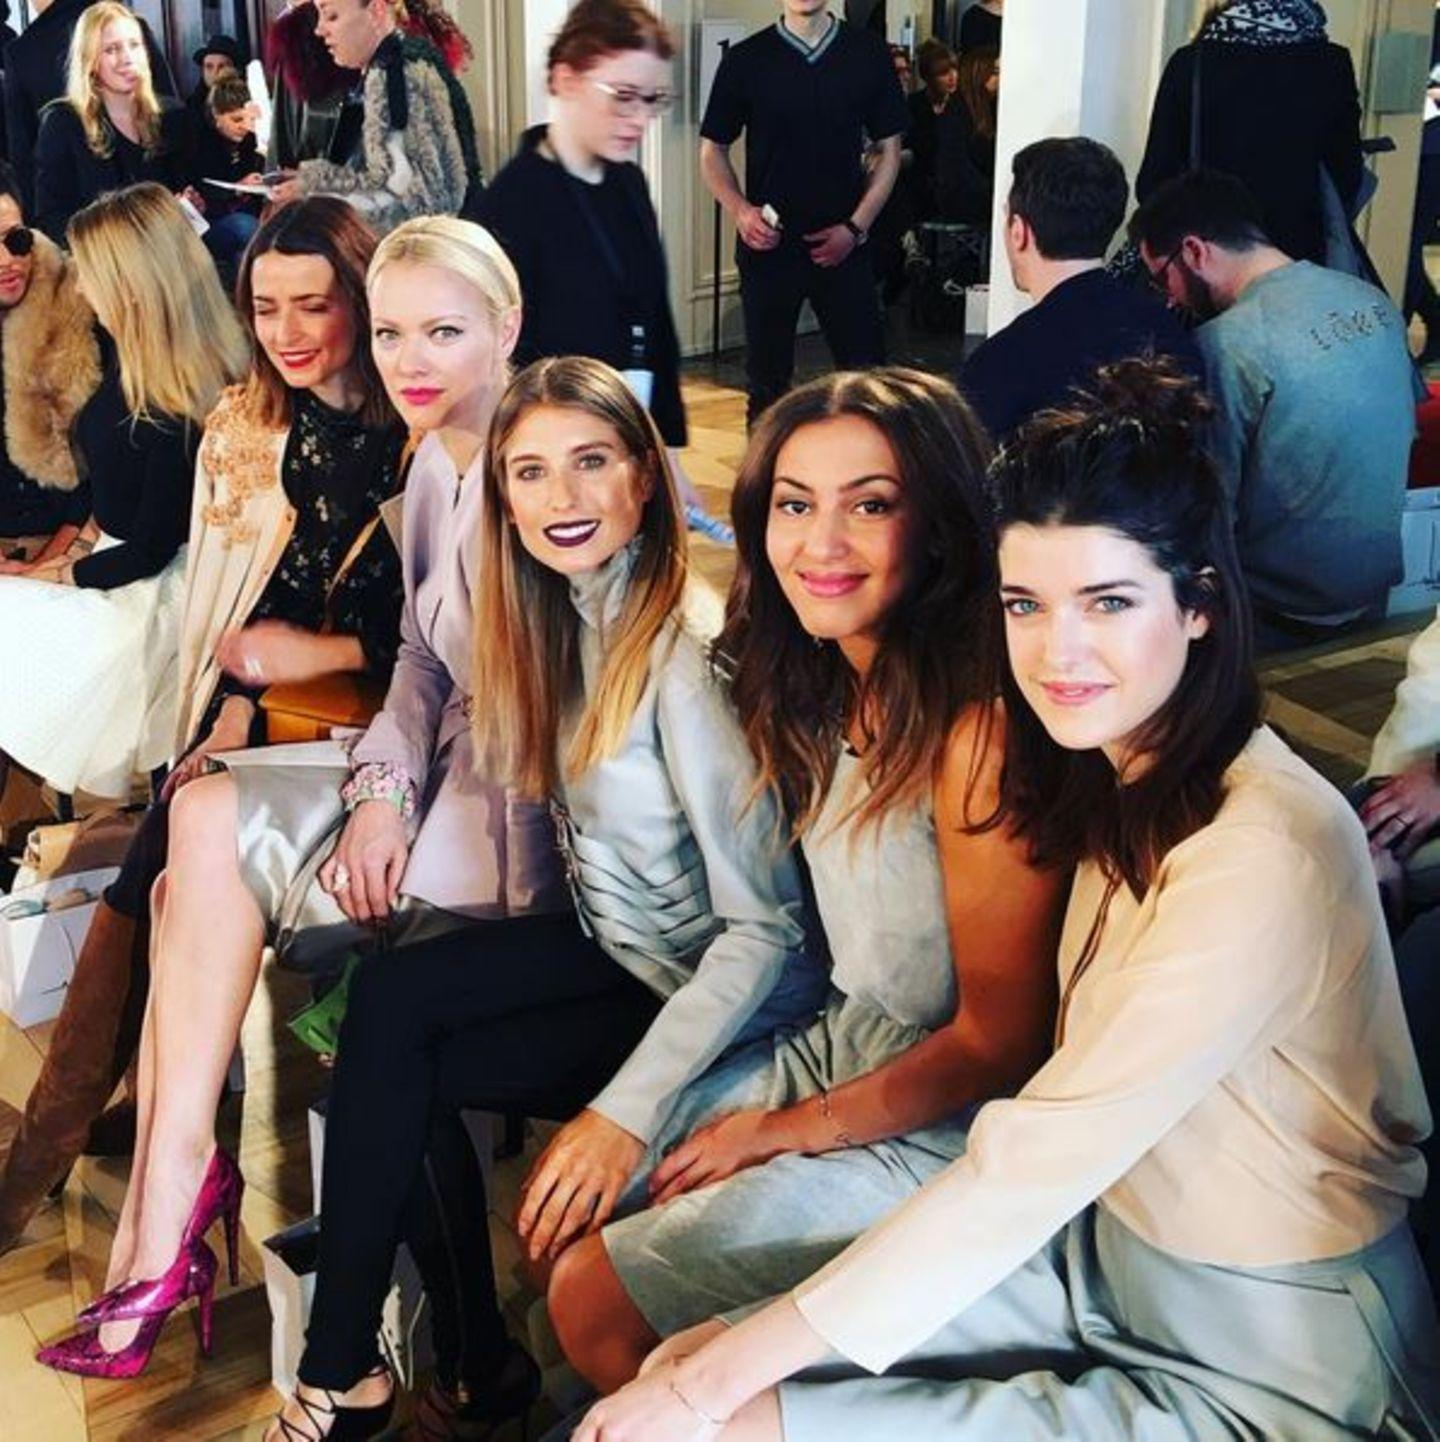 Bei der Modenschau der Designerin Marina Hoermanseder lässt sich auch Cathy Hummels in der ersten Reihe nieder und ist in bester Gesellschaft.